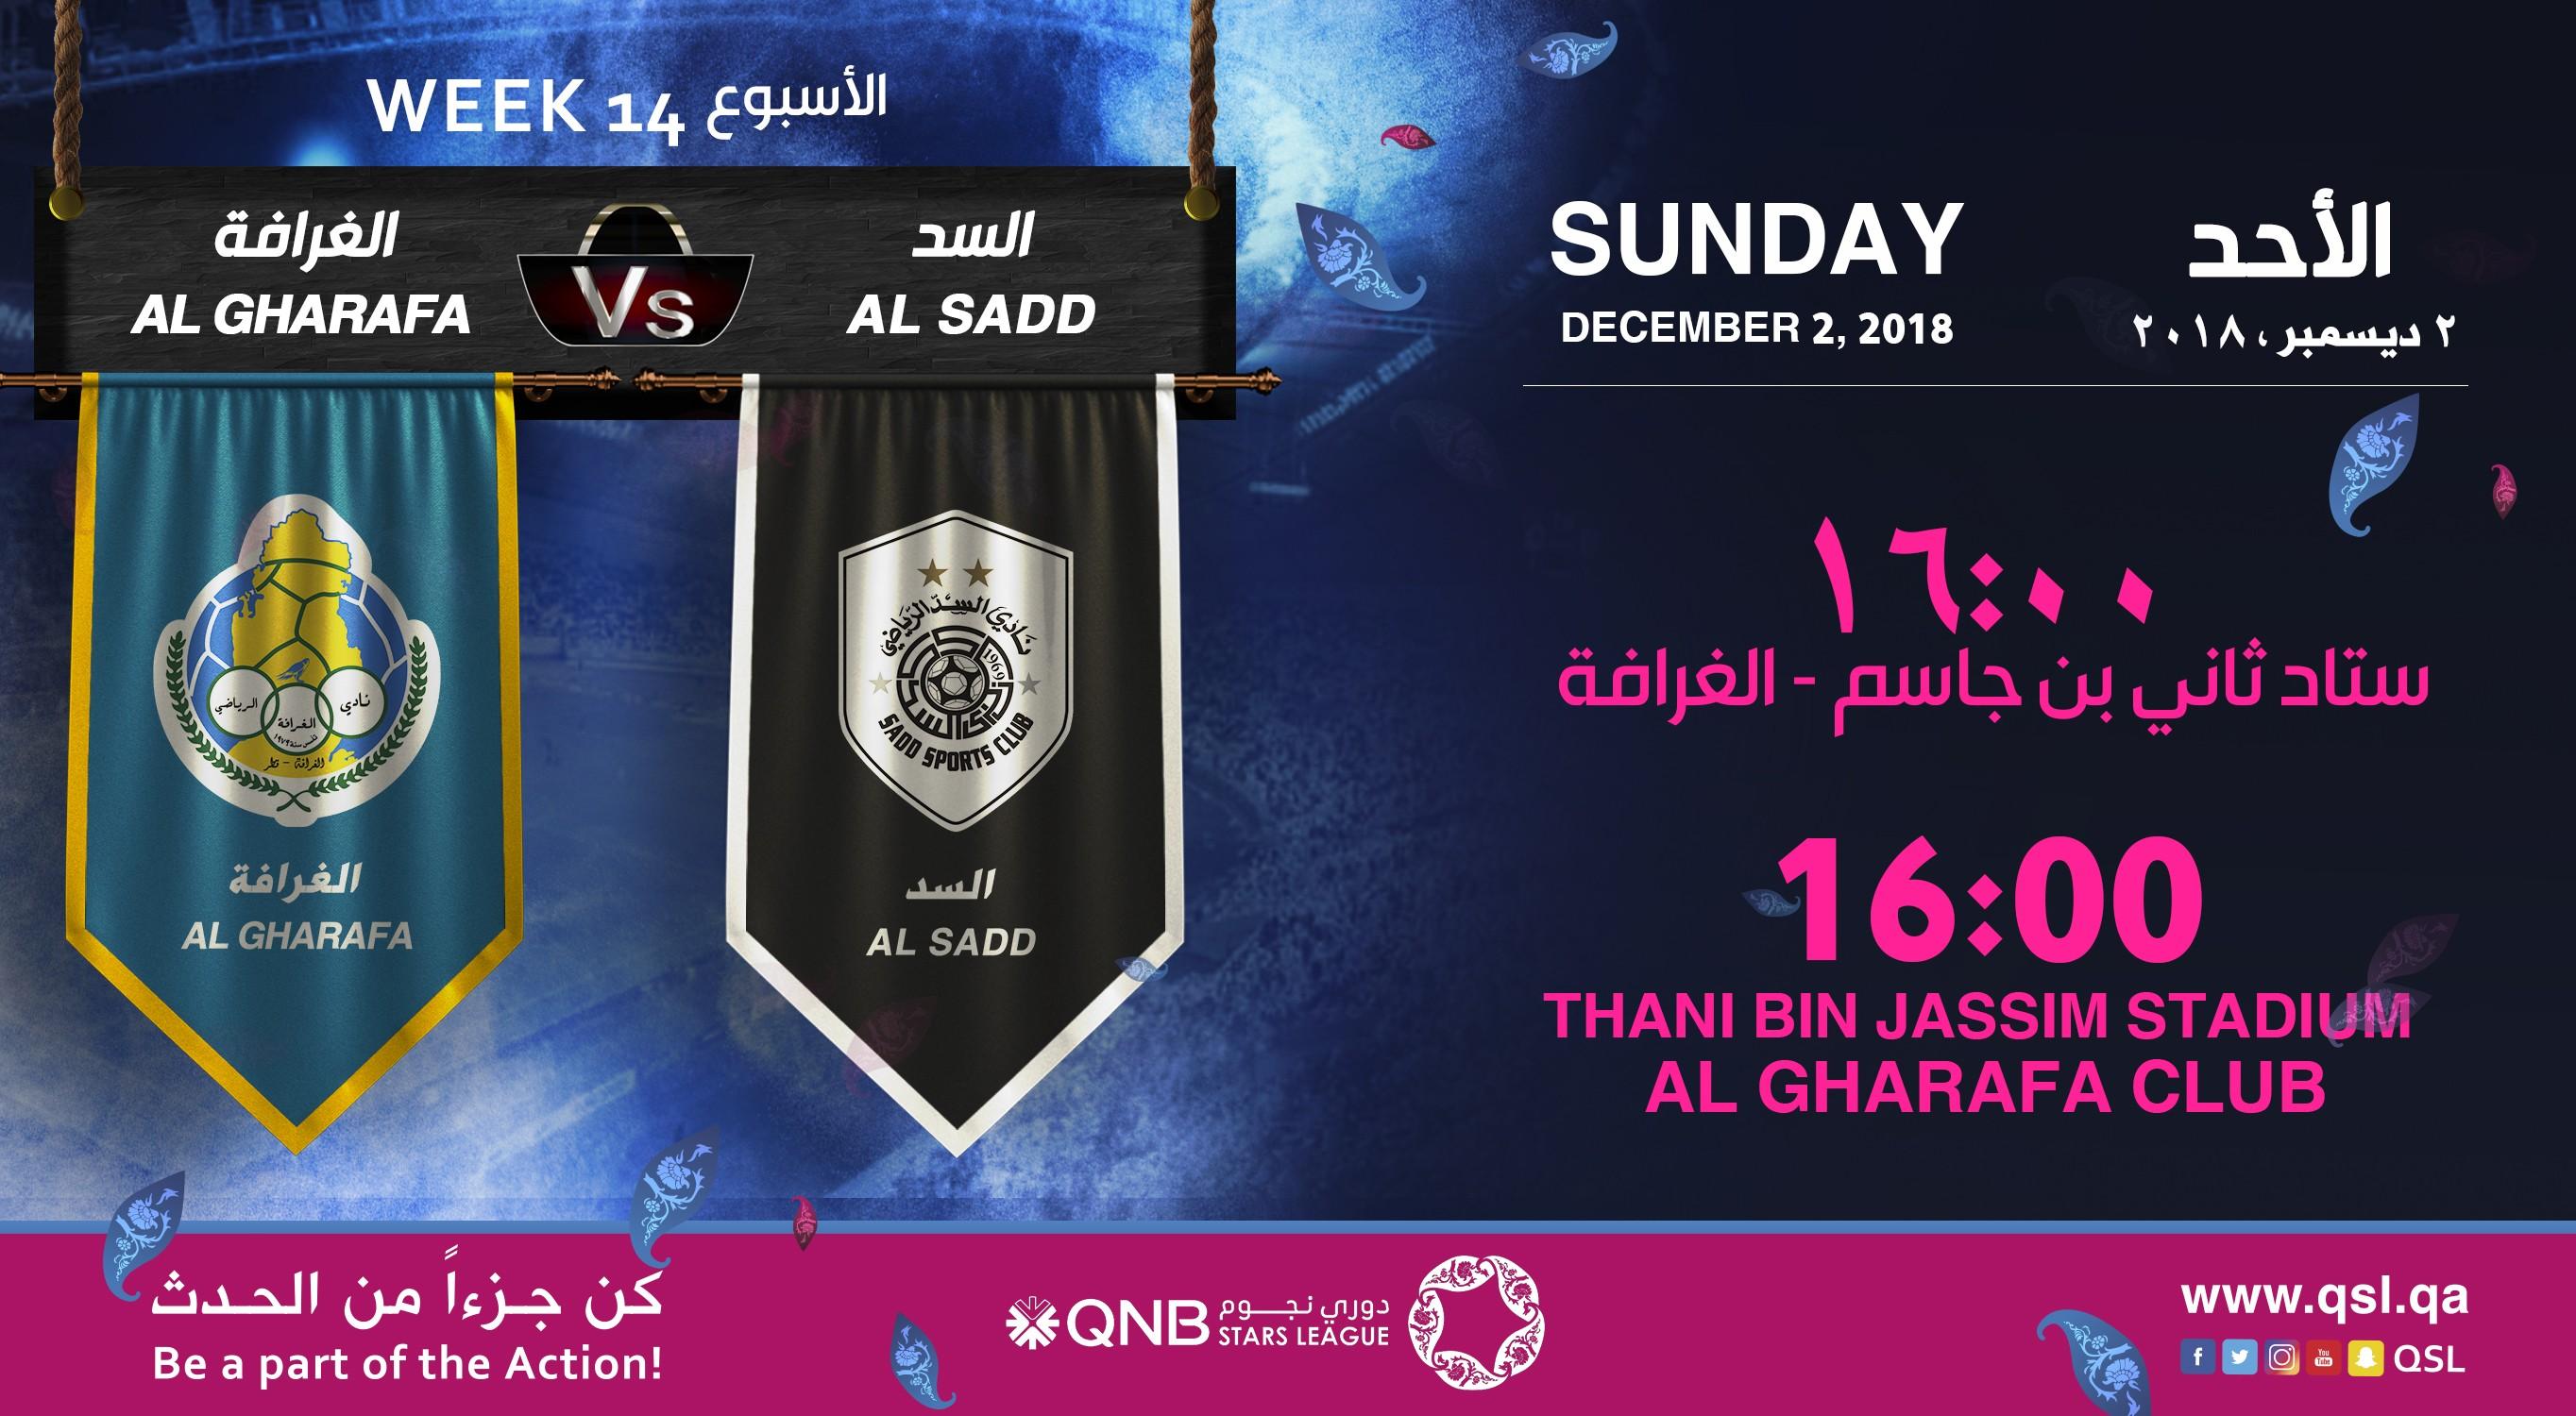 QNB Stars League Week 14 — Al Gharafa vs Al Sadd